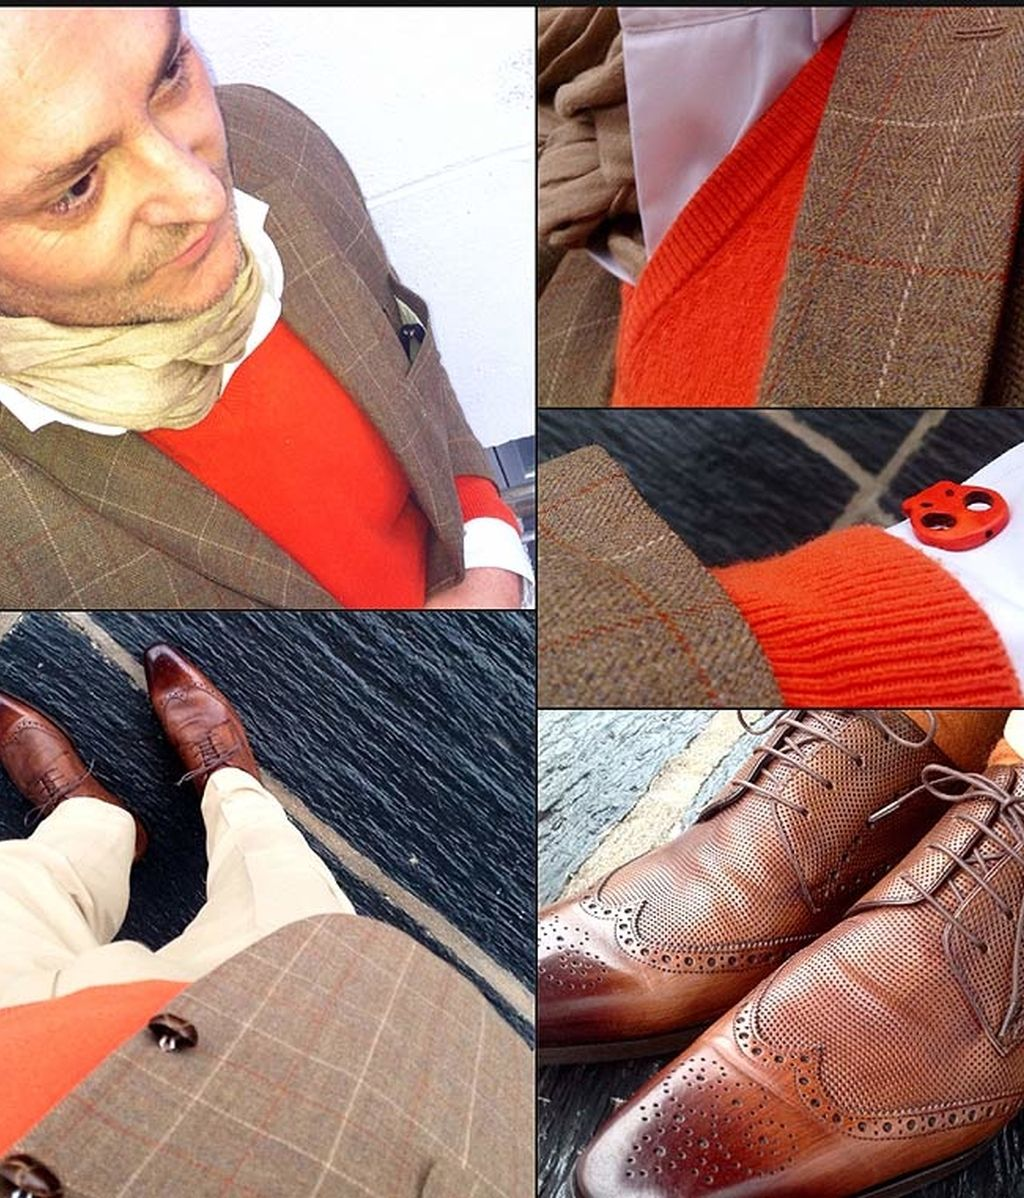 Tostados & Naranja (07/01/2014)